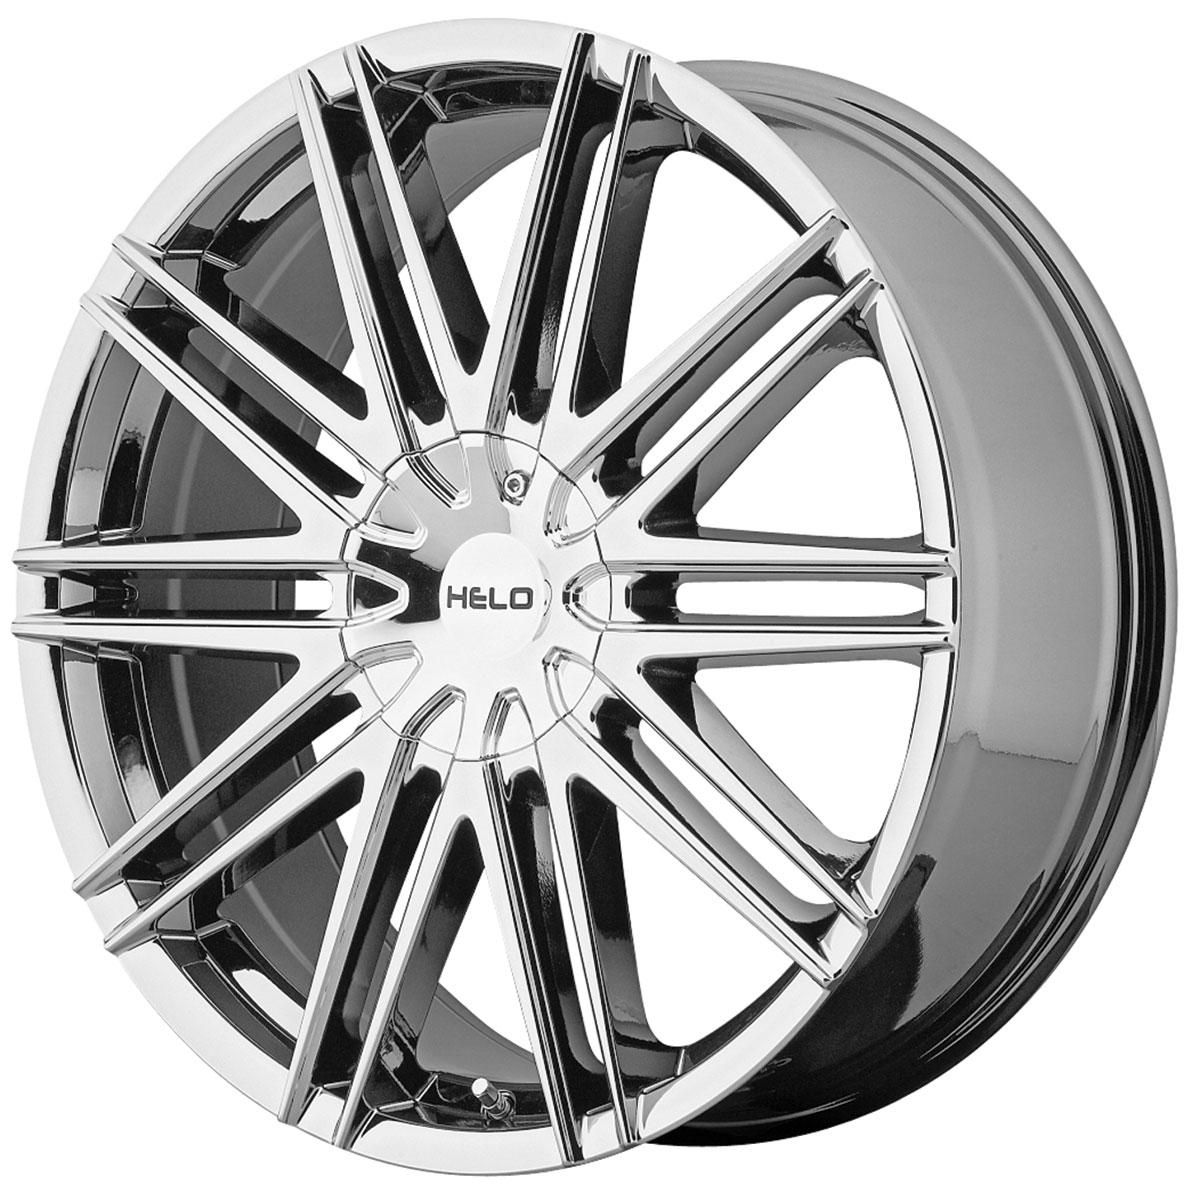 Wheel, Helo, HE880, 2003-2019 CAD, 17x7.5